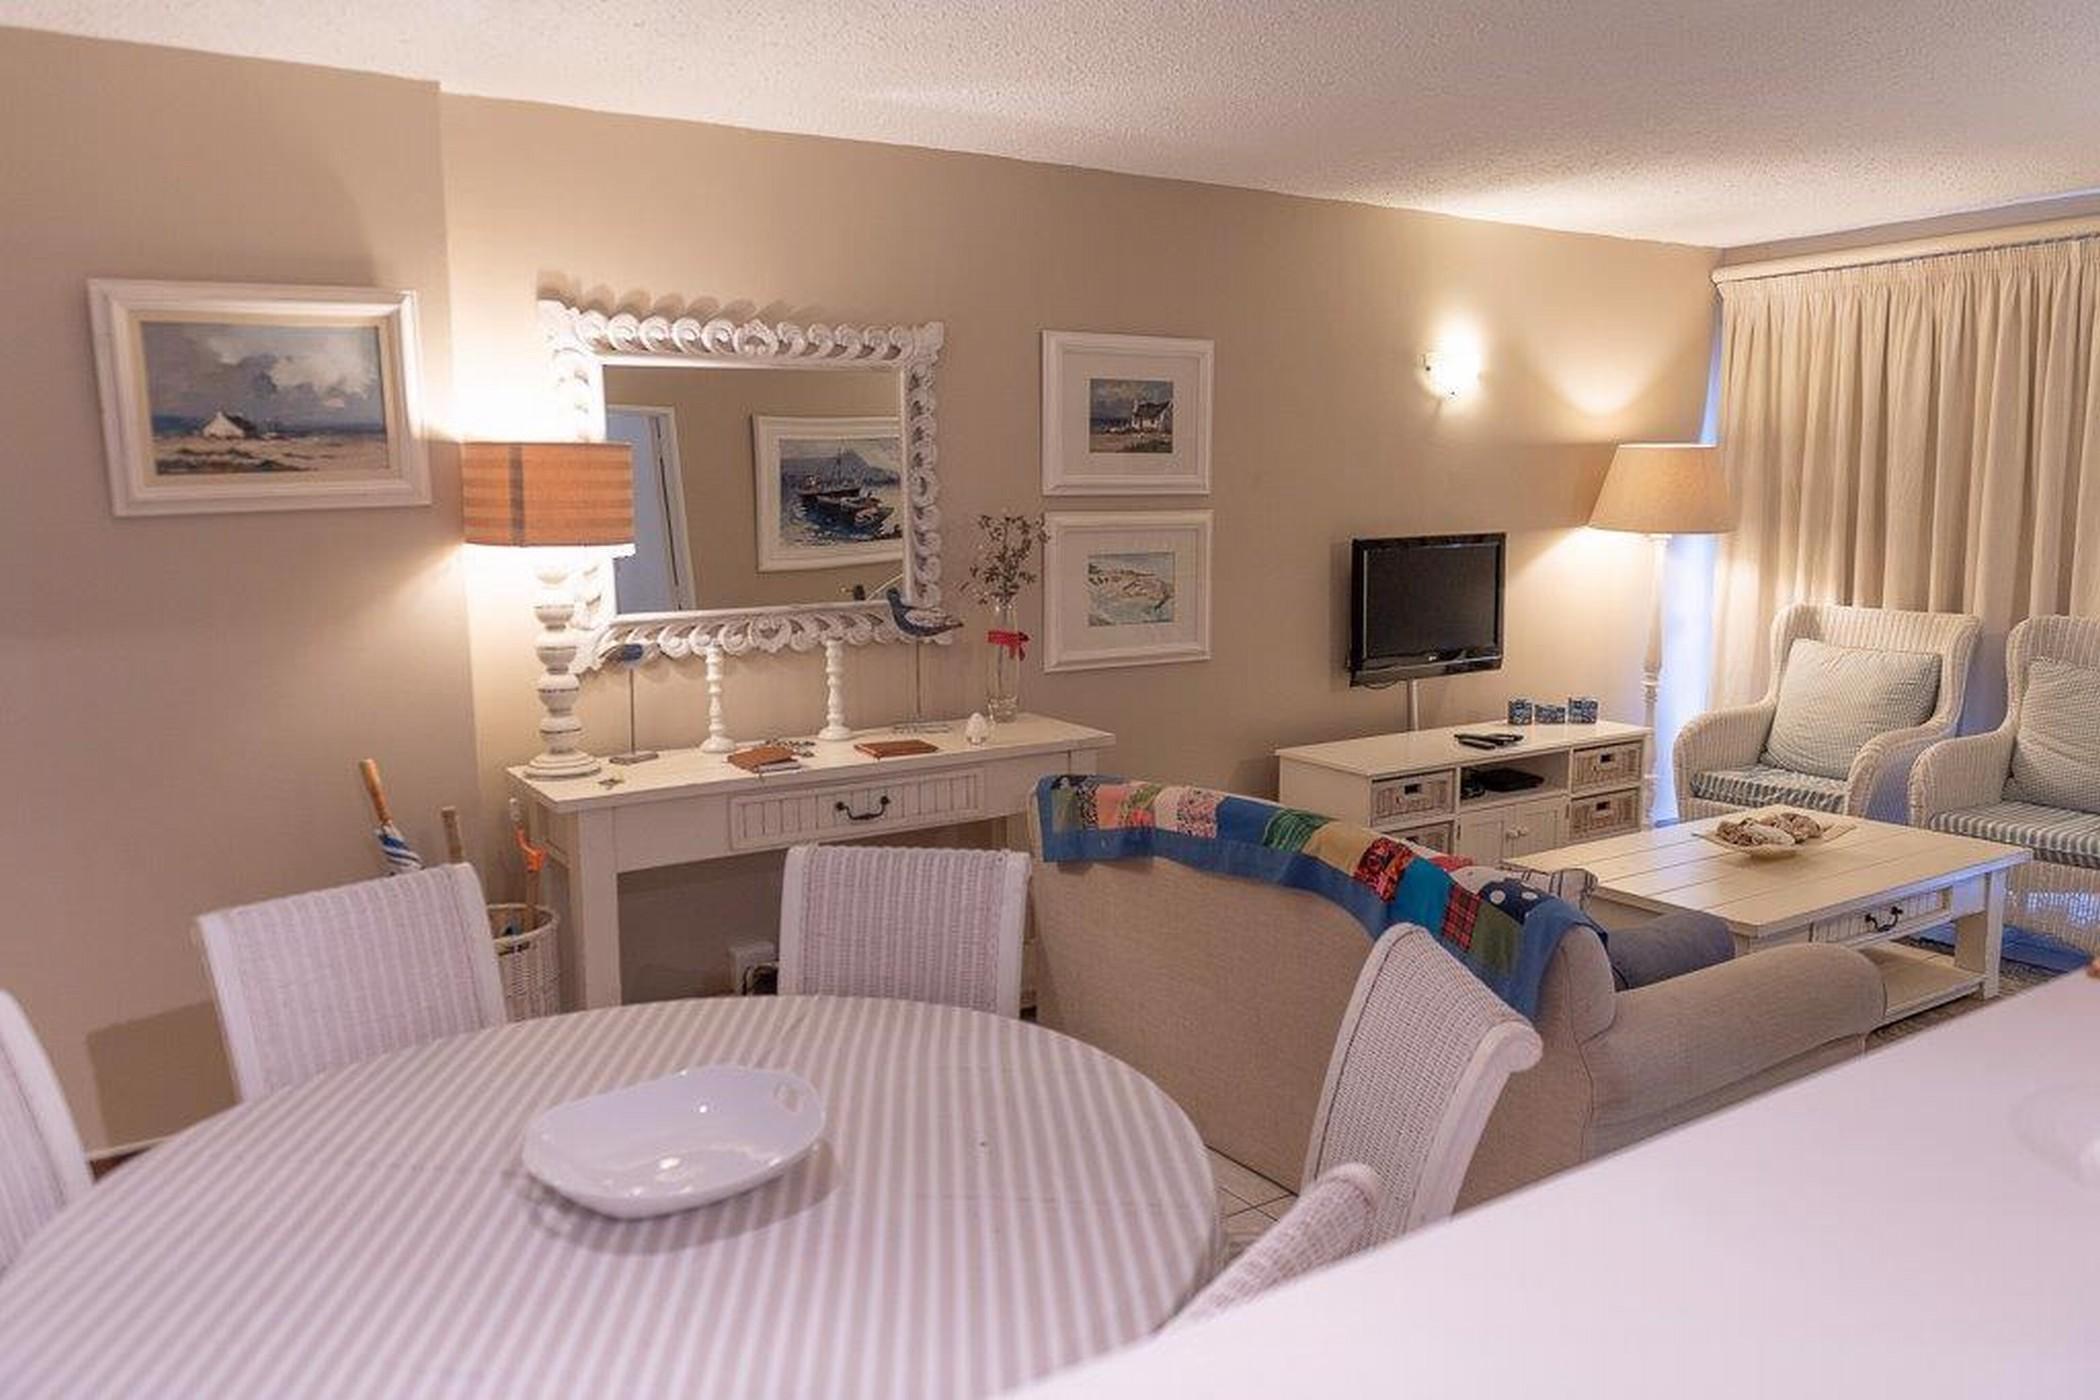 2 bedroom apartment to rent in amanzimtoti r11000 per month